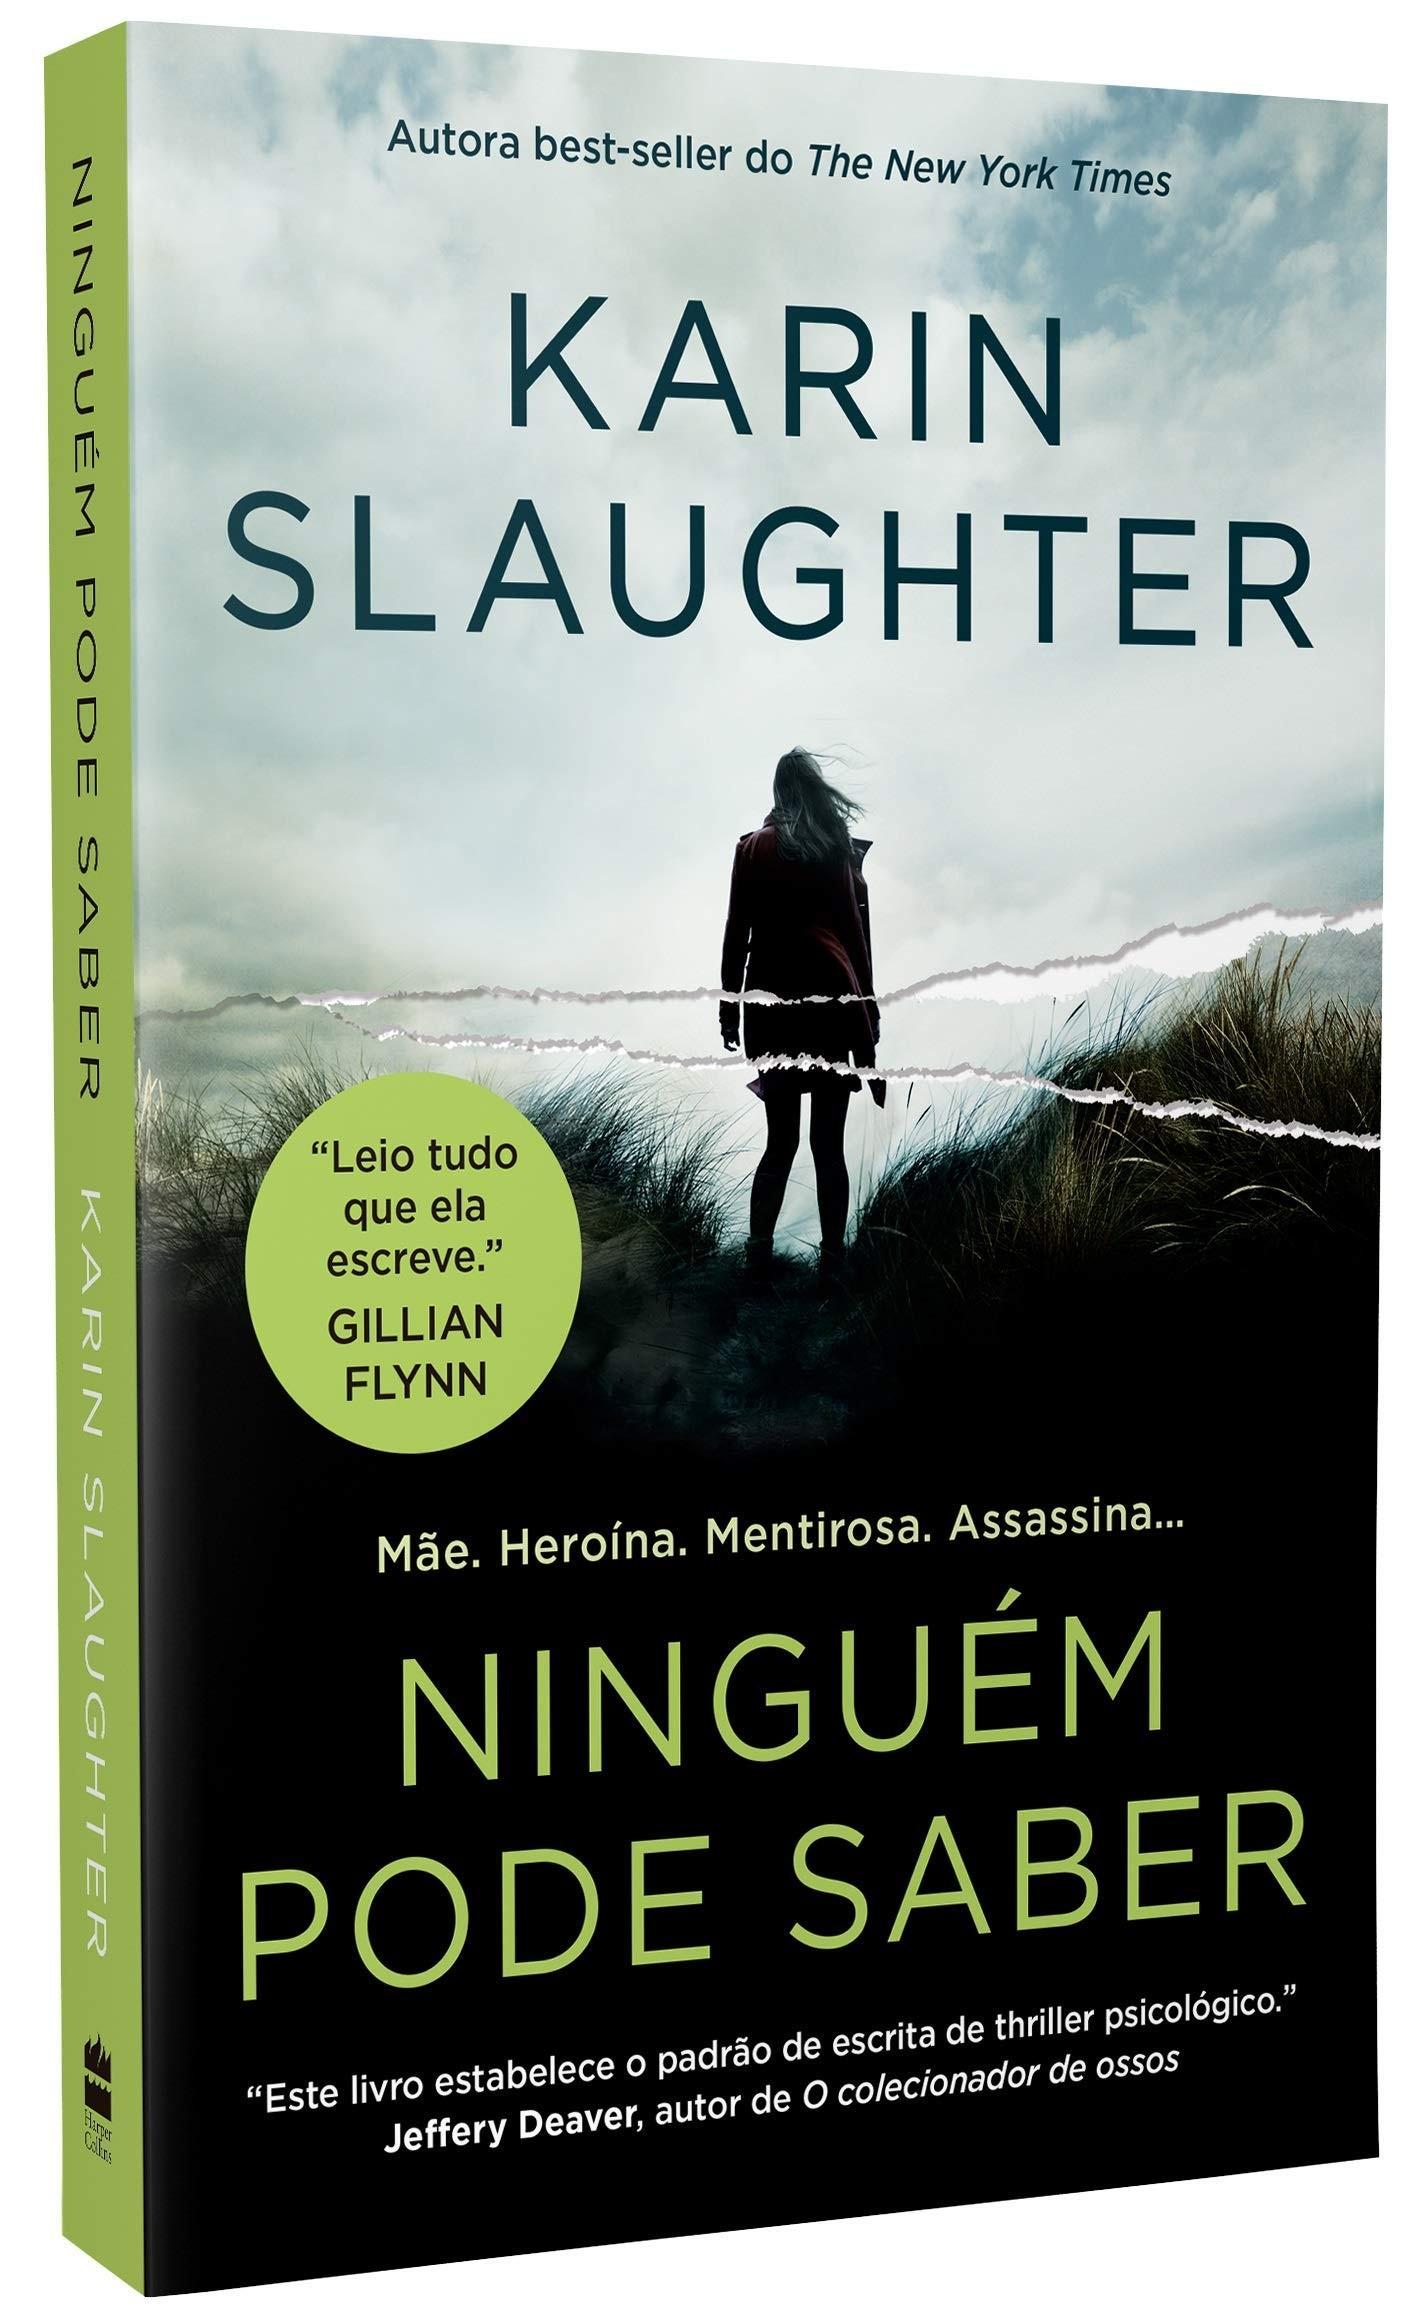 Ninguém pode saber, por Karin Slaughter (Foto: Divulgação/Amazon)